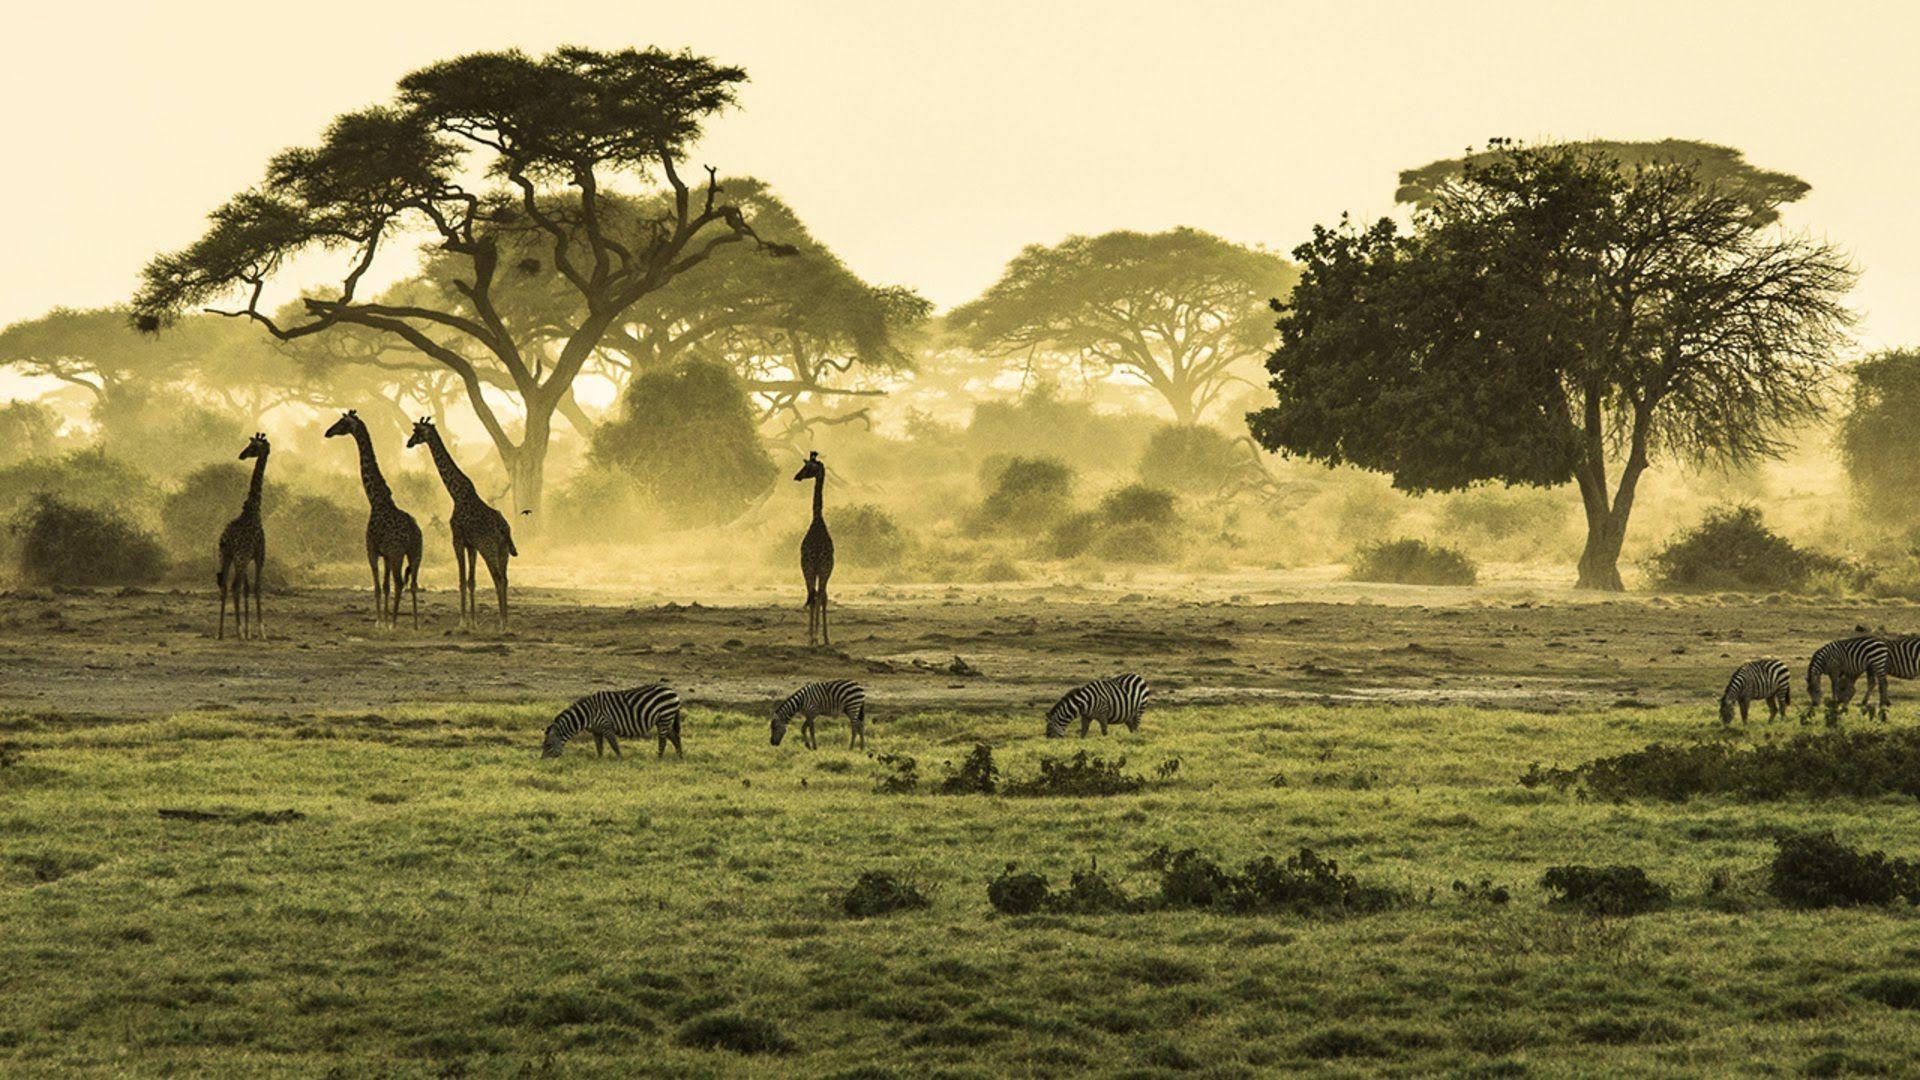 En sniktitt på hva du kan oppleve på Safari i Øst-Afrika: Kenya og Tanzania  http://travels.kilroy.no/destinasjoner/afrika/safari